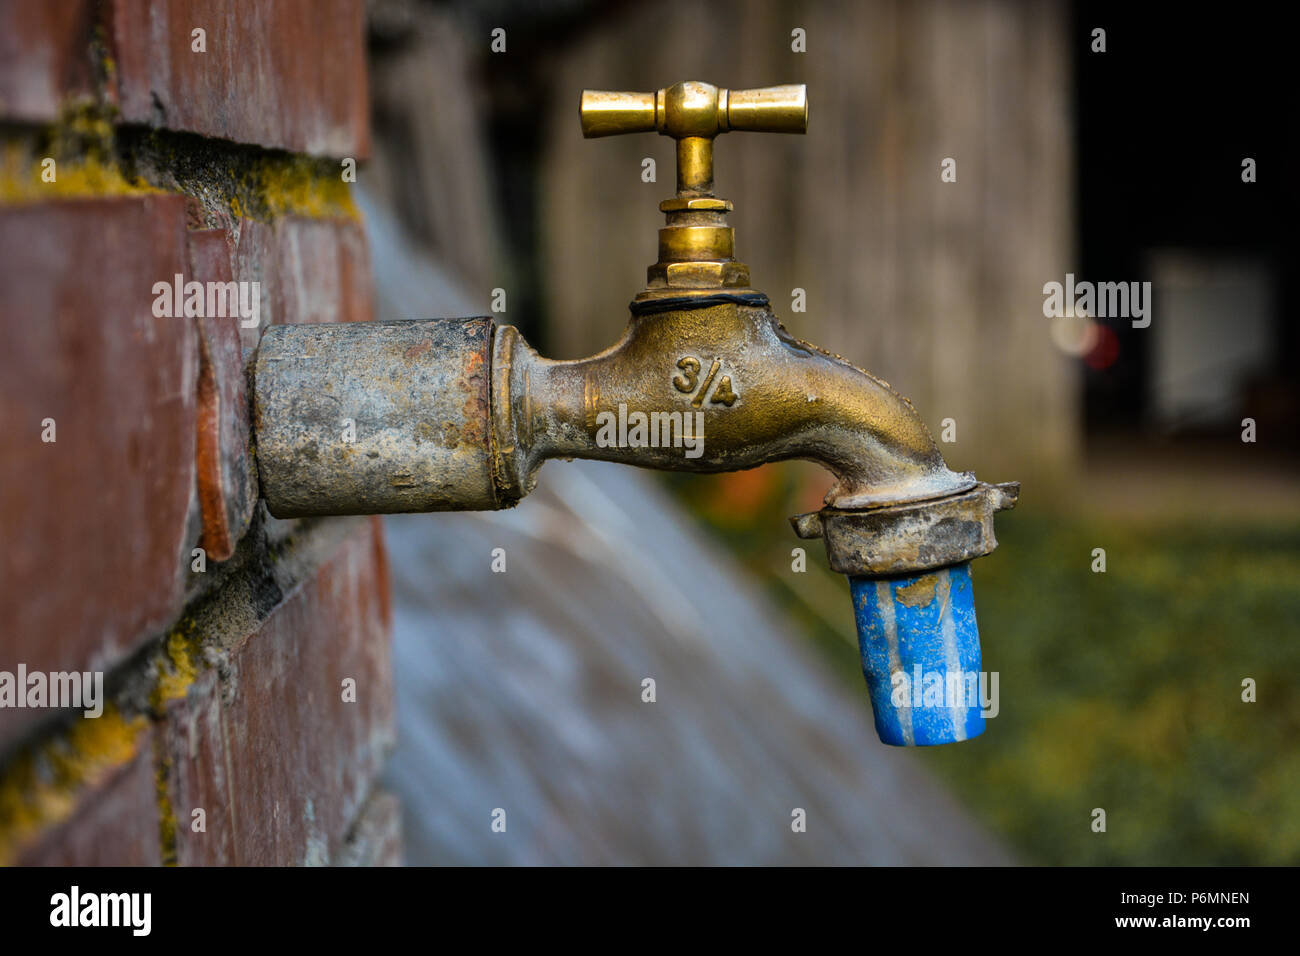 Alten und gebrauchten Vintage Wasserhahn isoliert. Profil von Bronze ...